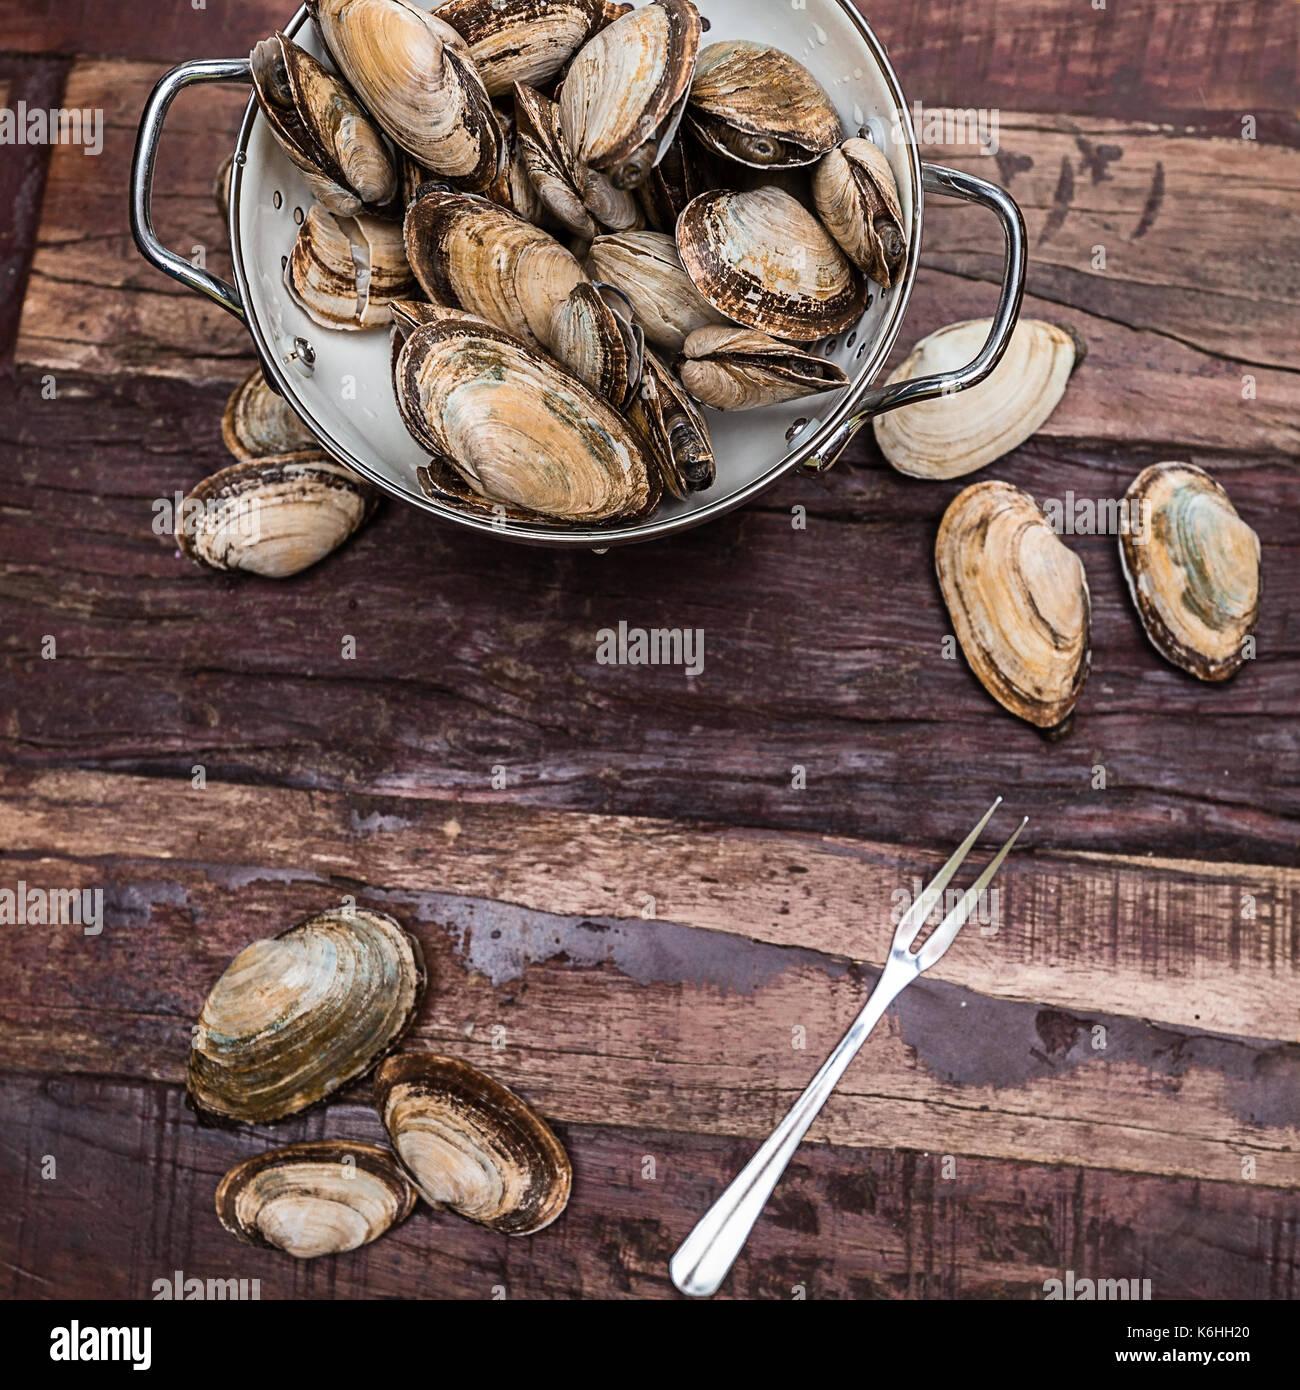 Dampfgarer Muscheln aus New England in einem weiß Collider auf einem rustikalen Tisch bereit sind gereinigt und bereit für das Kochen. Stockbild